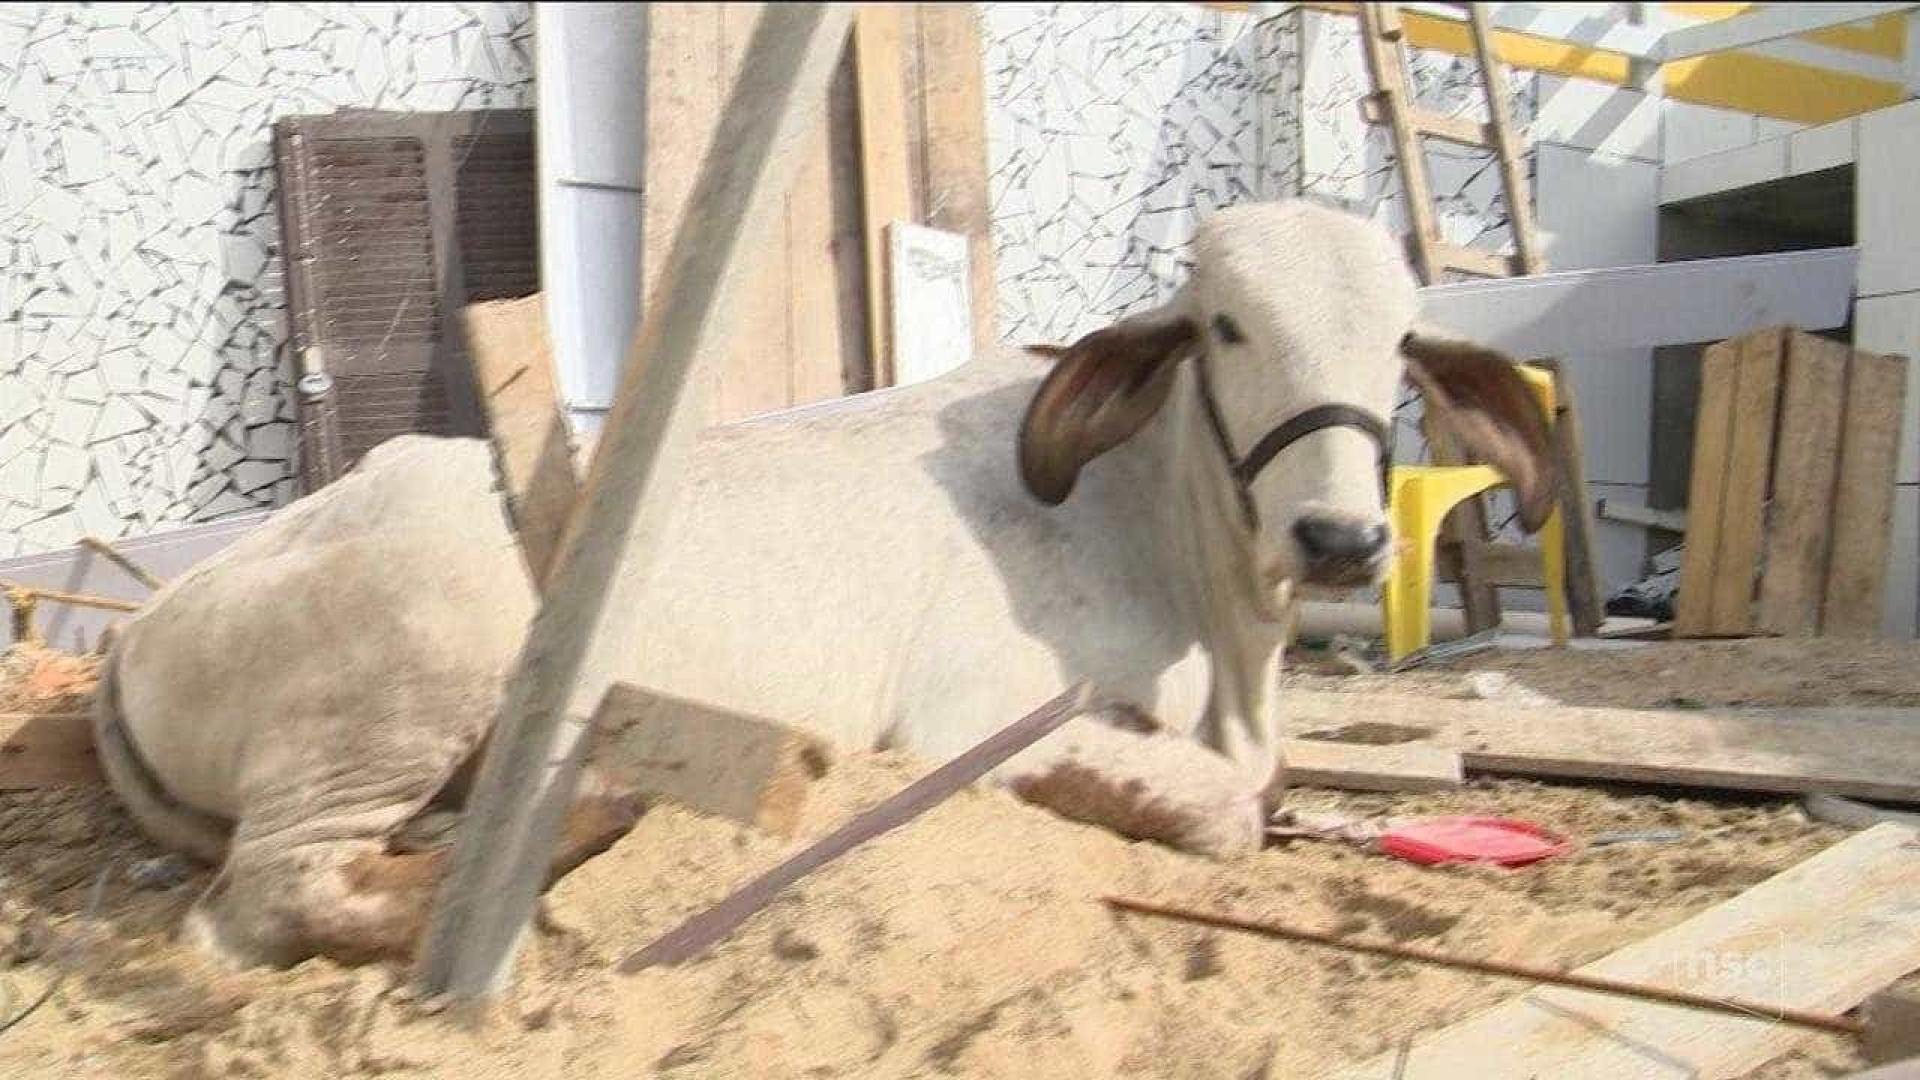 Vaca cai de telhado e destrói parte de casa em Santa Catarina